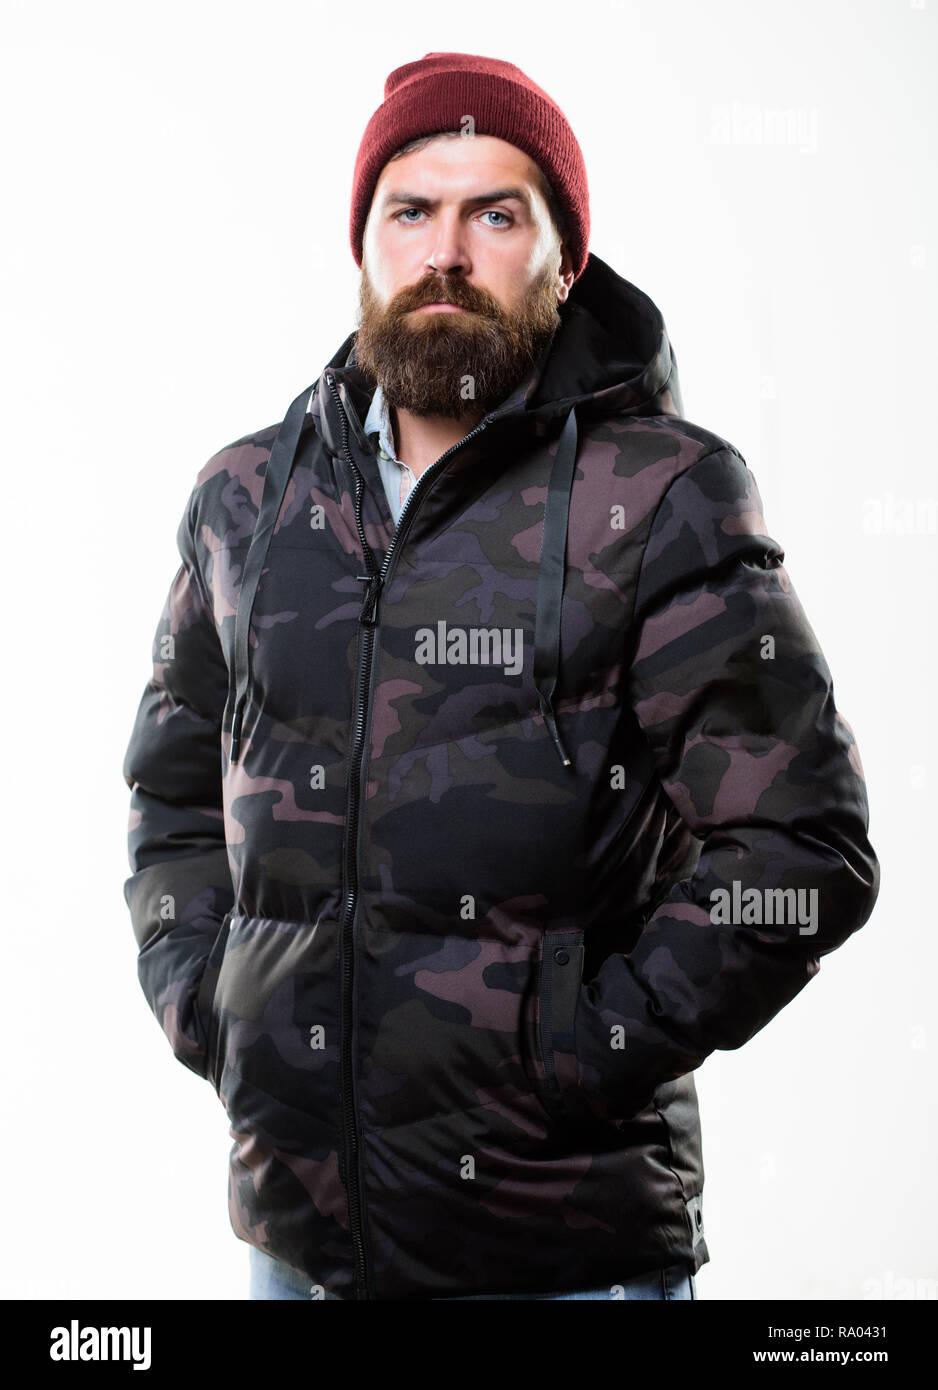 4be46261cdc7 Winter stilvolle Herrenmode. Man bärtige stand warm Tarnmuster Jacke Parka  auf weißem Hintergrund. Hipster